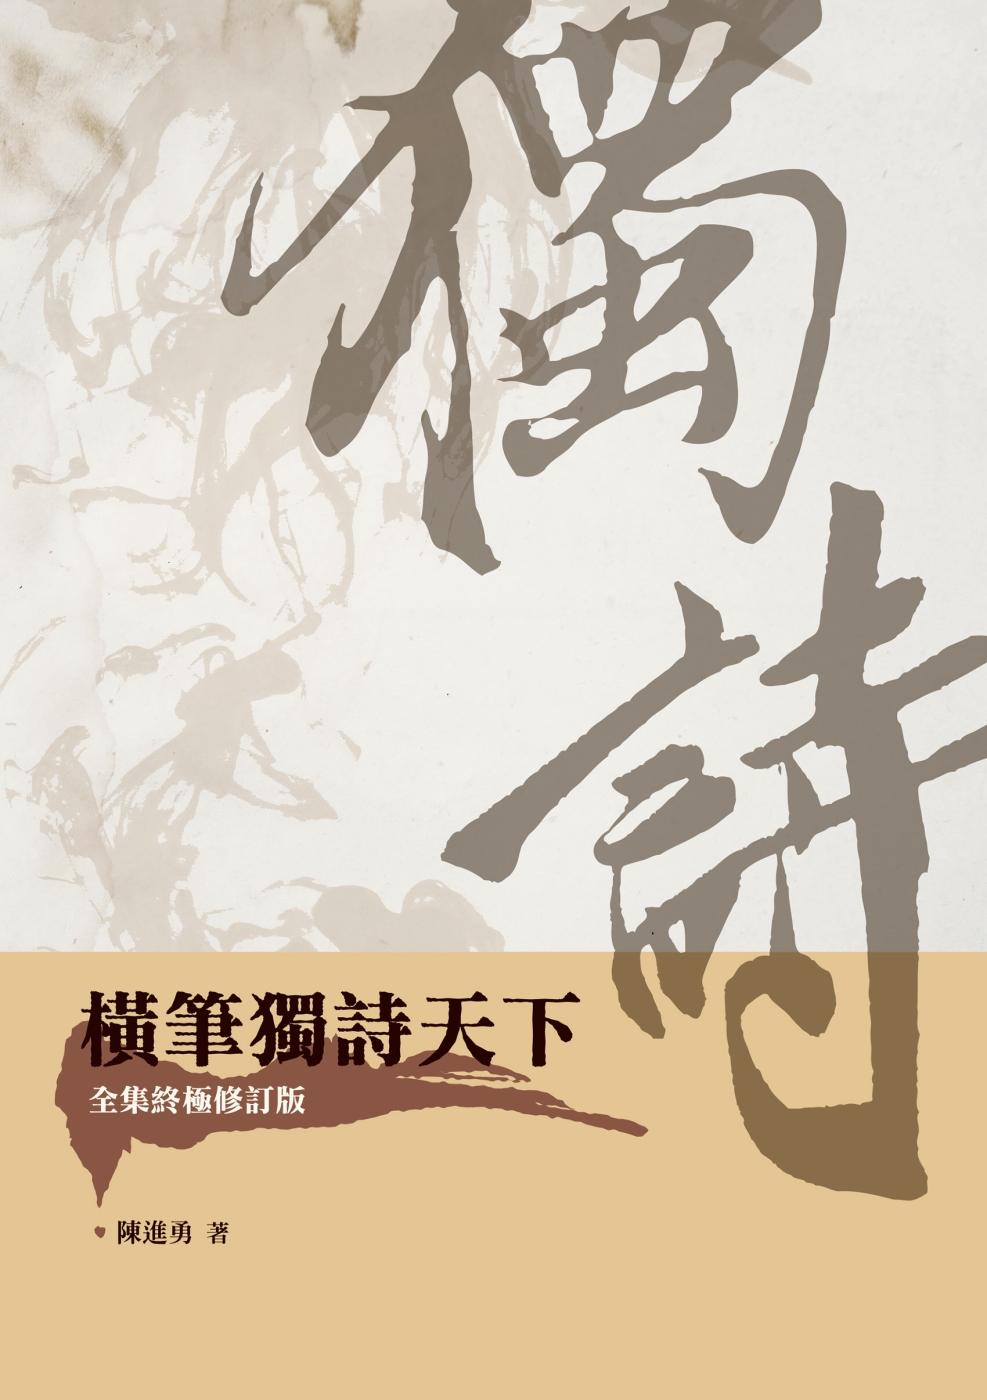 橫筆獨詩天下(全集終極修訂版)...